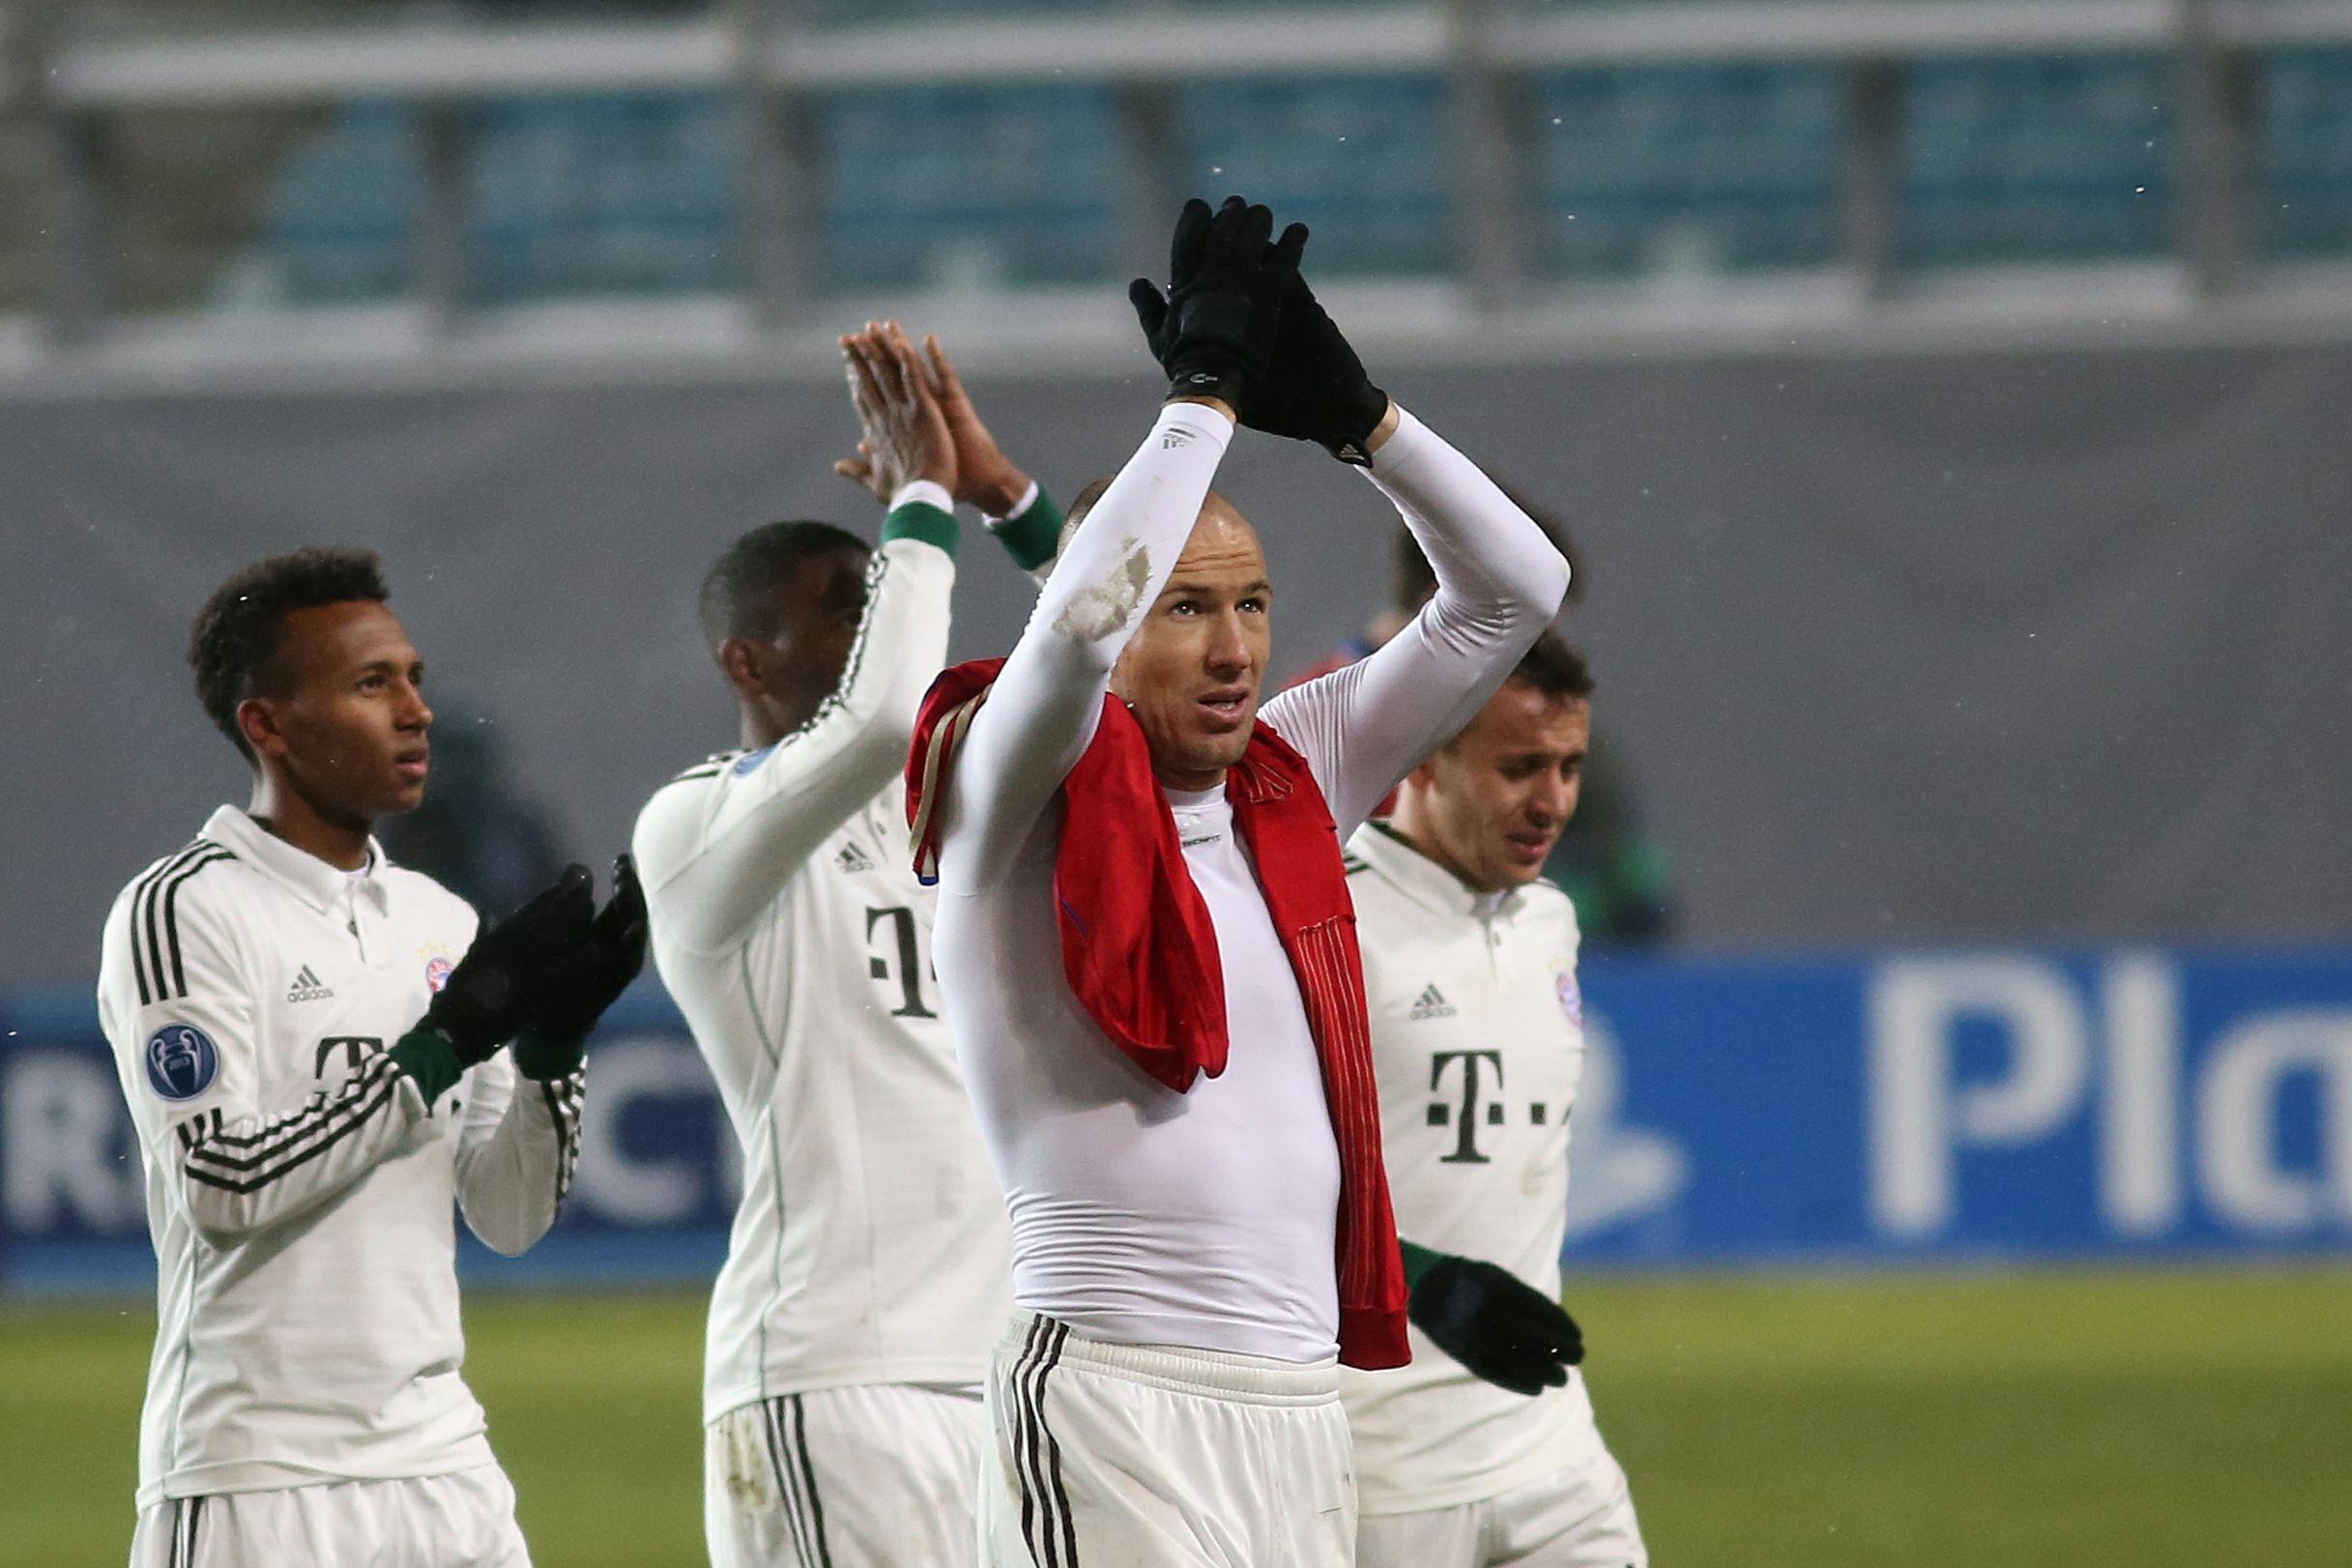 Матч Лиги чемпионов Лацио  Бавария находится под угрозой срыва